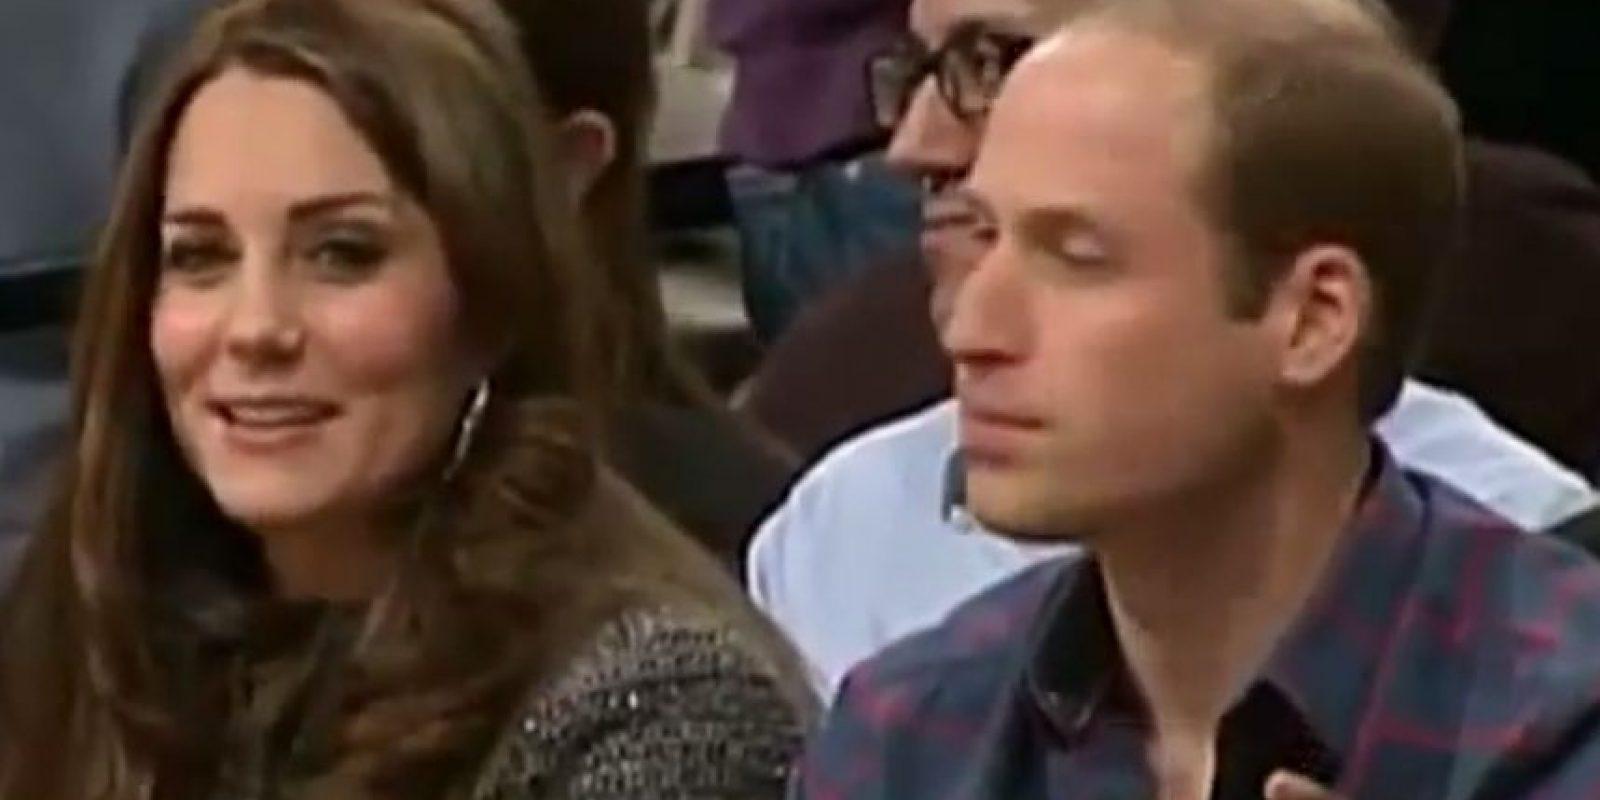 Entraron a la duela ante la mirada curiosa de los asitentes Foto:NBA Highlights